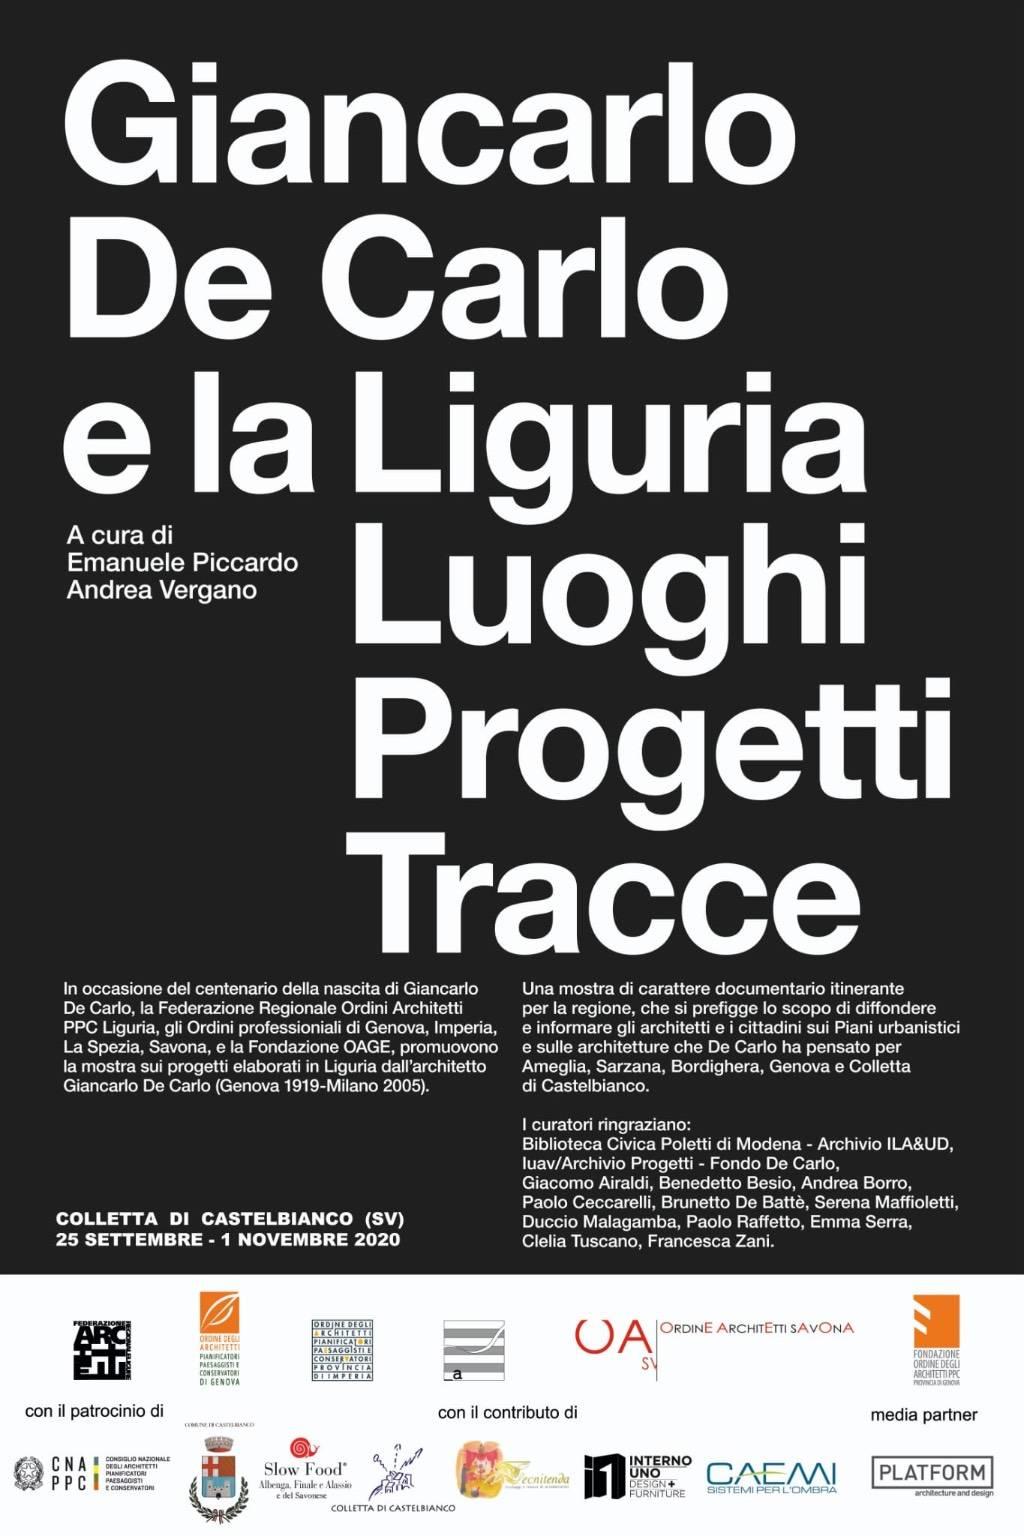 """Castelbianco """"Giancarlo De Carlo e la Liguria"""" mostra urbanista e architetto genovese"""